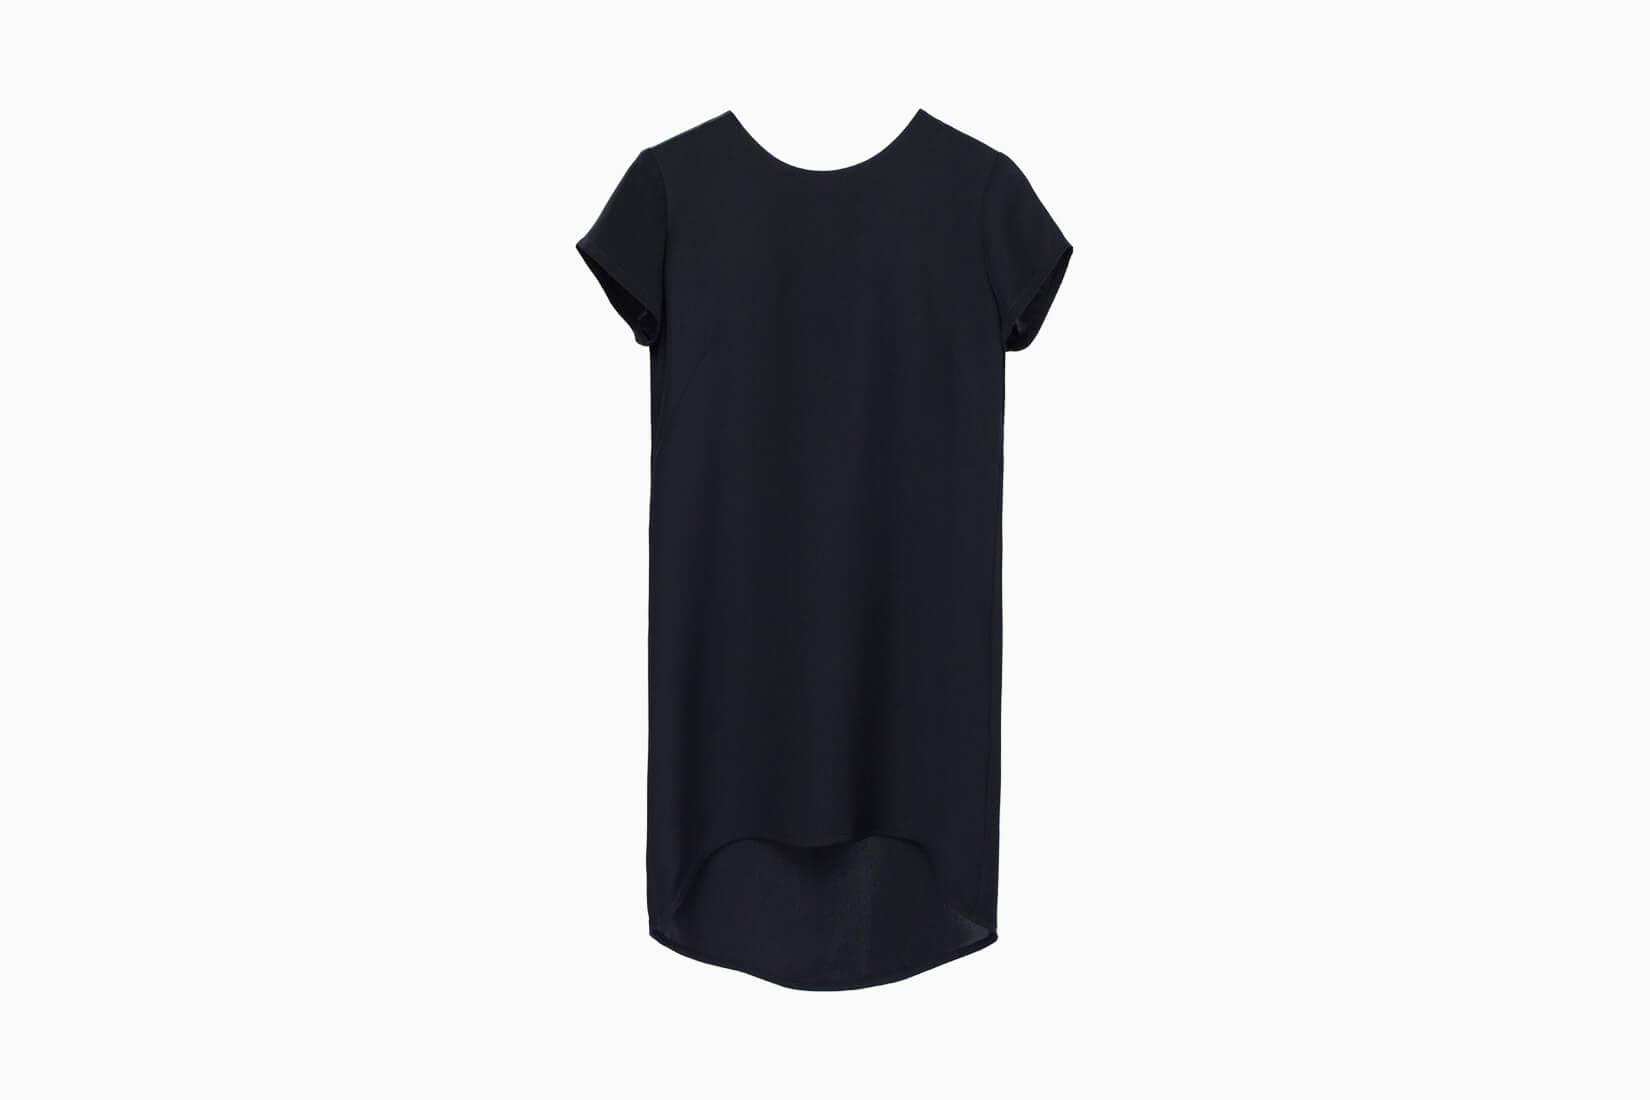 best little black dresses cuyana - Luxe Digital